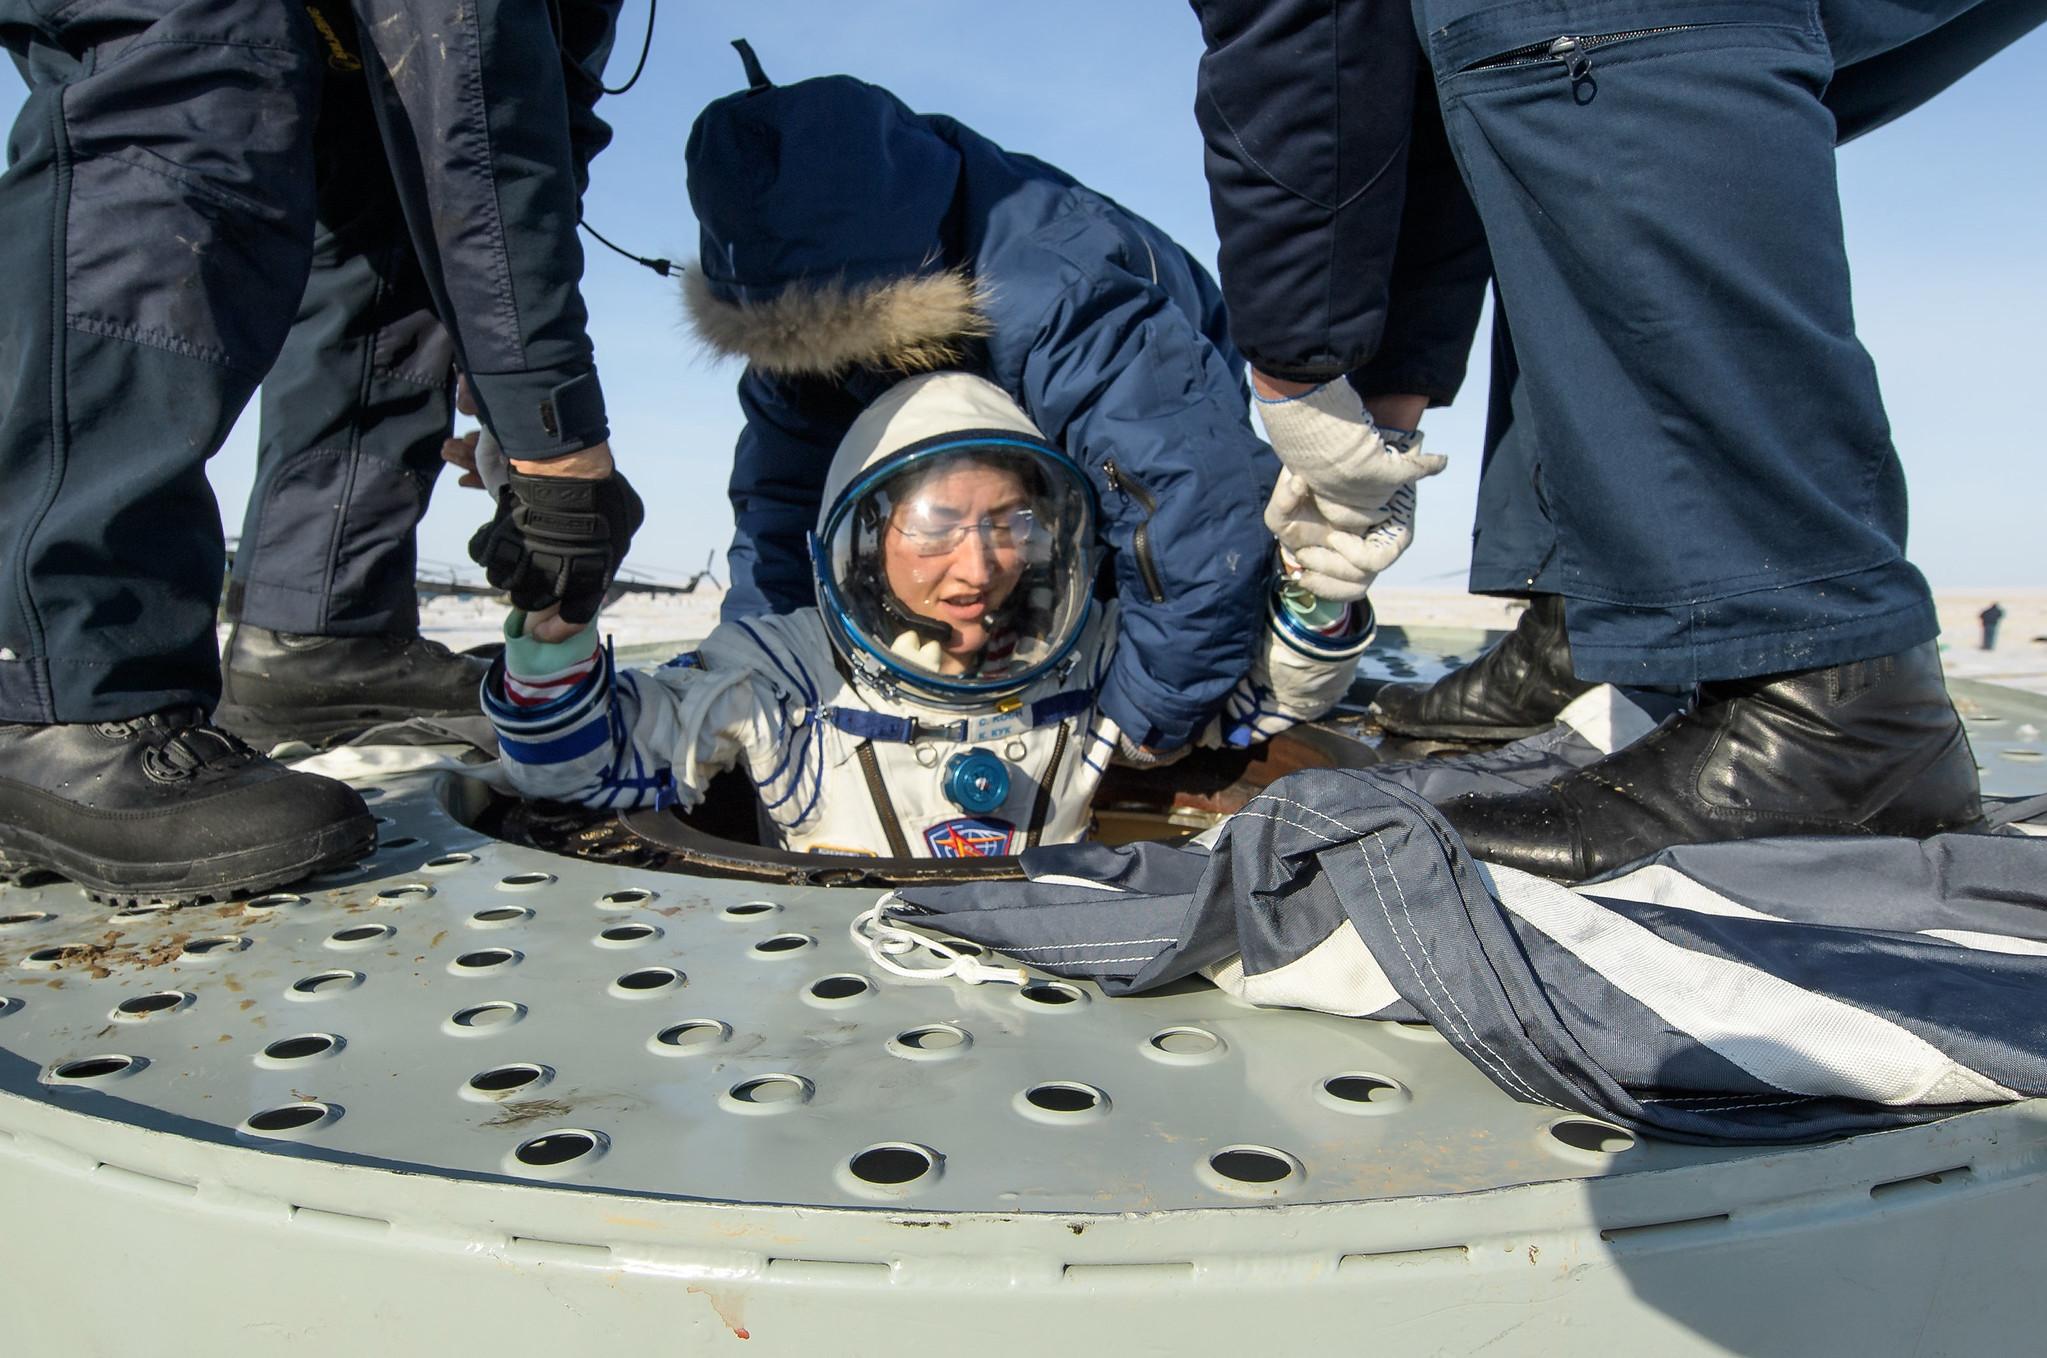 Regreso de la Soyuz MS 13 y récord de permanencia en el